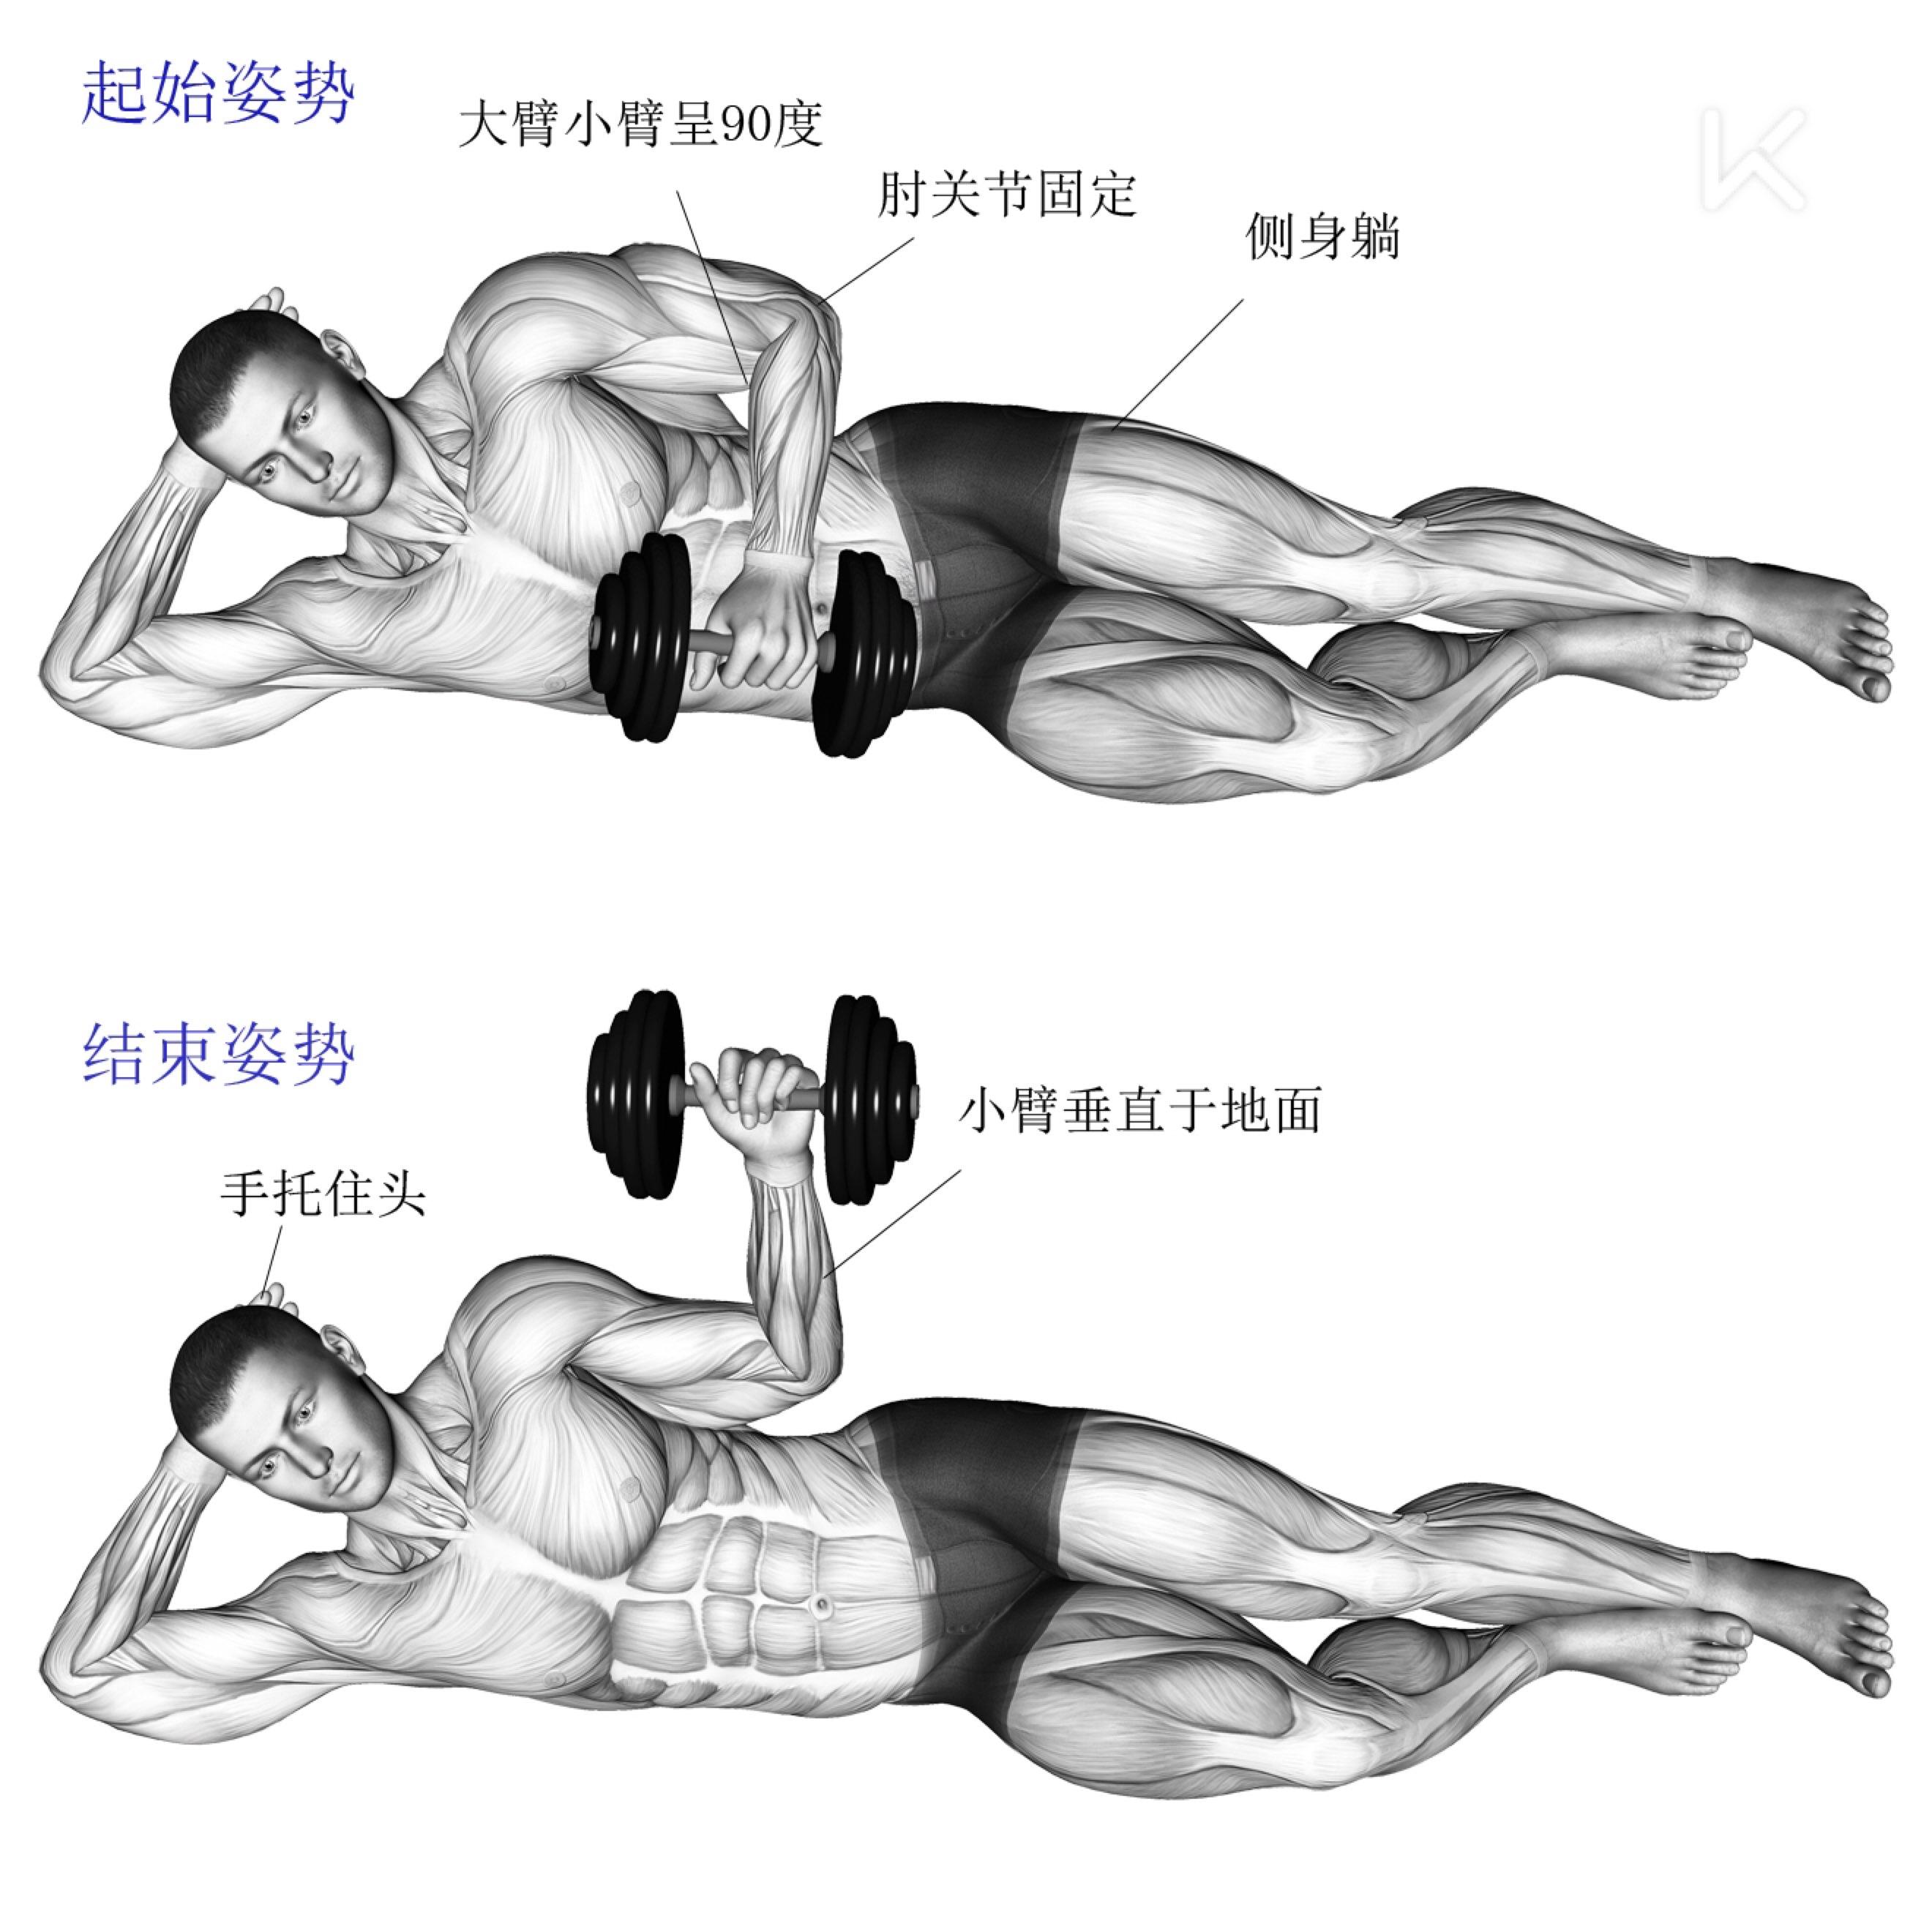 肩膀疼痛怎么办,如何加强肩袖力量  肩膀是身体中灵活性很强的部位,但他的力量又是相对较弱的,在训练中比较容易受伤。 以我这些年的健身经历,如果要对容易受伤的部位做个排名的话,我认为肩膀,腰和脖子可以进入我的Top 3。 为了让自己能够更加安全长久的锻炼下去,我们有必要对这些容易受伤的部位加以重视。今天这篇就着重讲一讲与肩膀活动息息相关的肌群  肩袖  首先科普一下,肩袖不是一块肌肉,它是附着在肩胛骨与肱骨(大臂骨骼)之间的4块肌肉的统称,分别是冈上肌、冈下肌、小圆肌以及肩胛下肌。 其中,前面三块